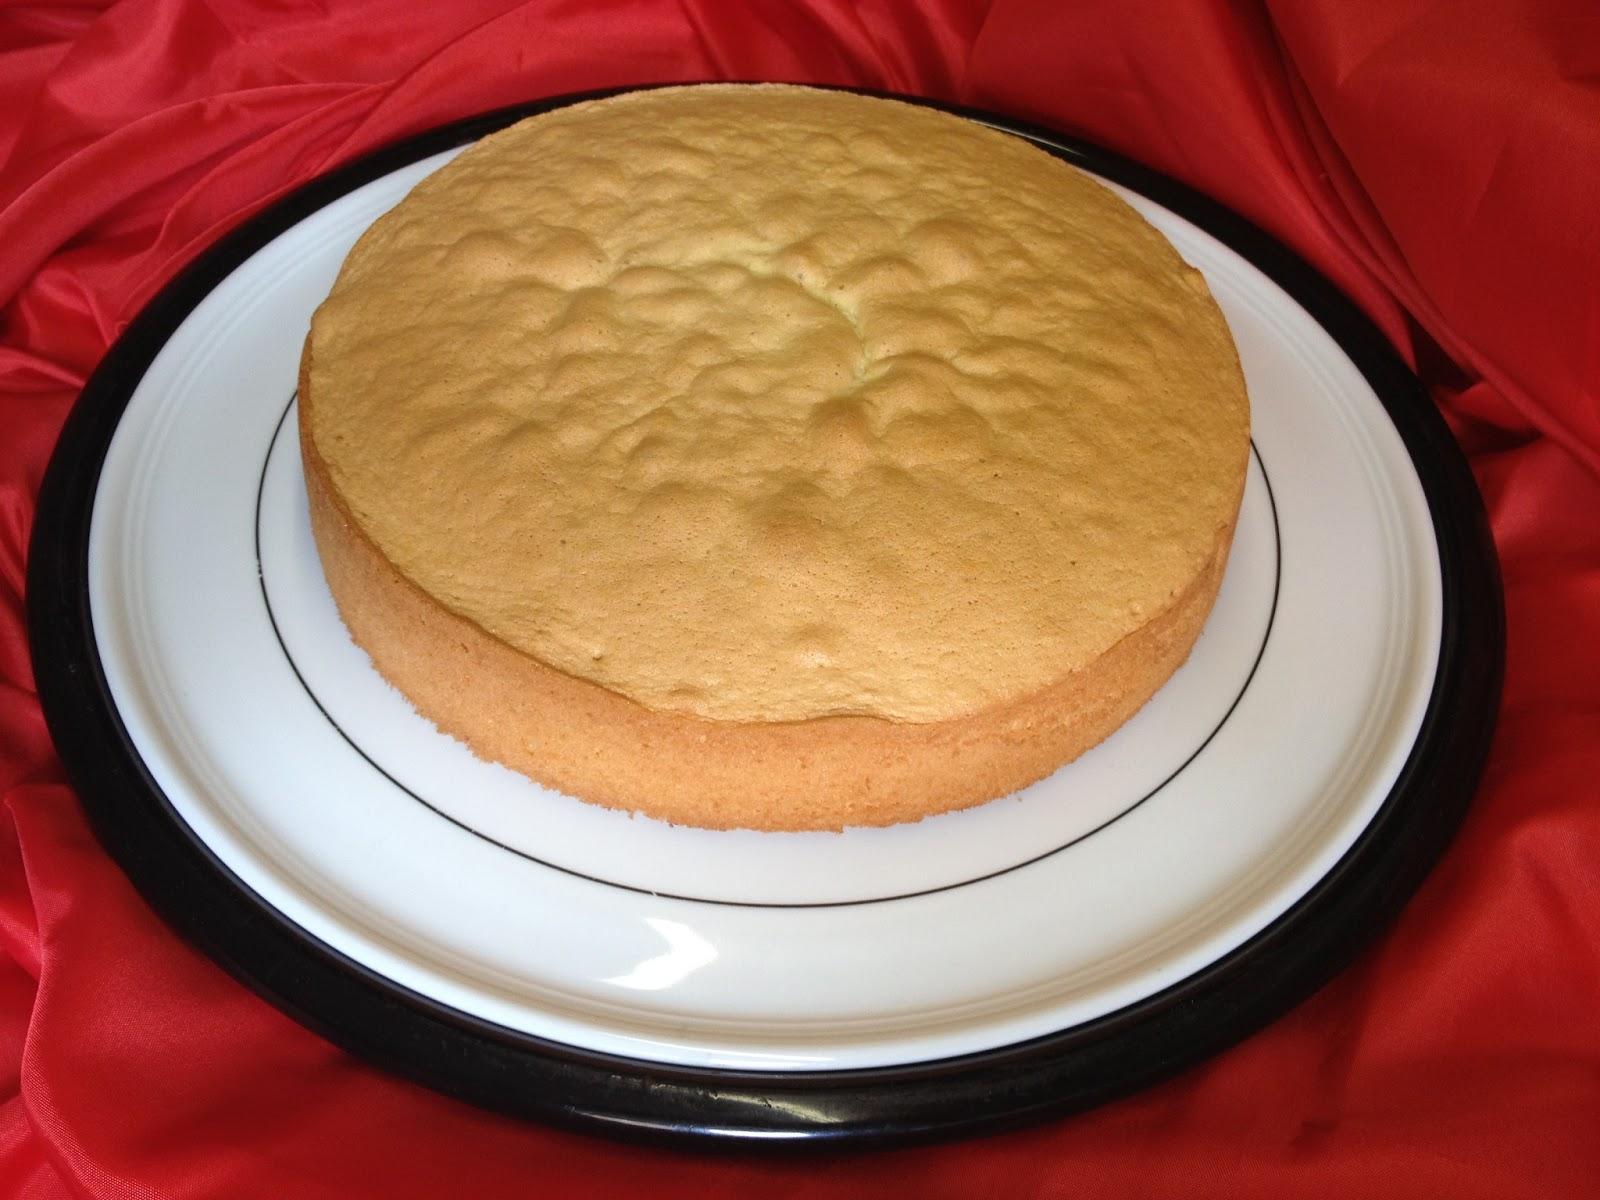 Torte Da Credenza Montersino : Architettando in cucina pan di spagna luca montersino